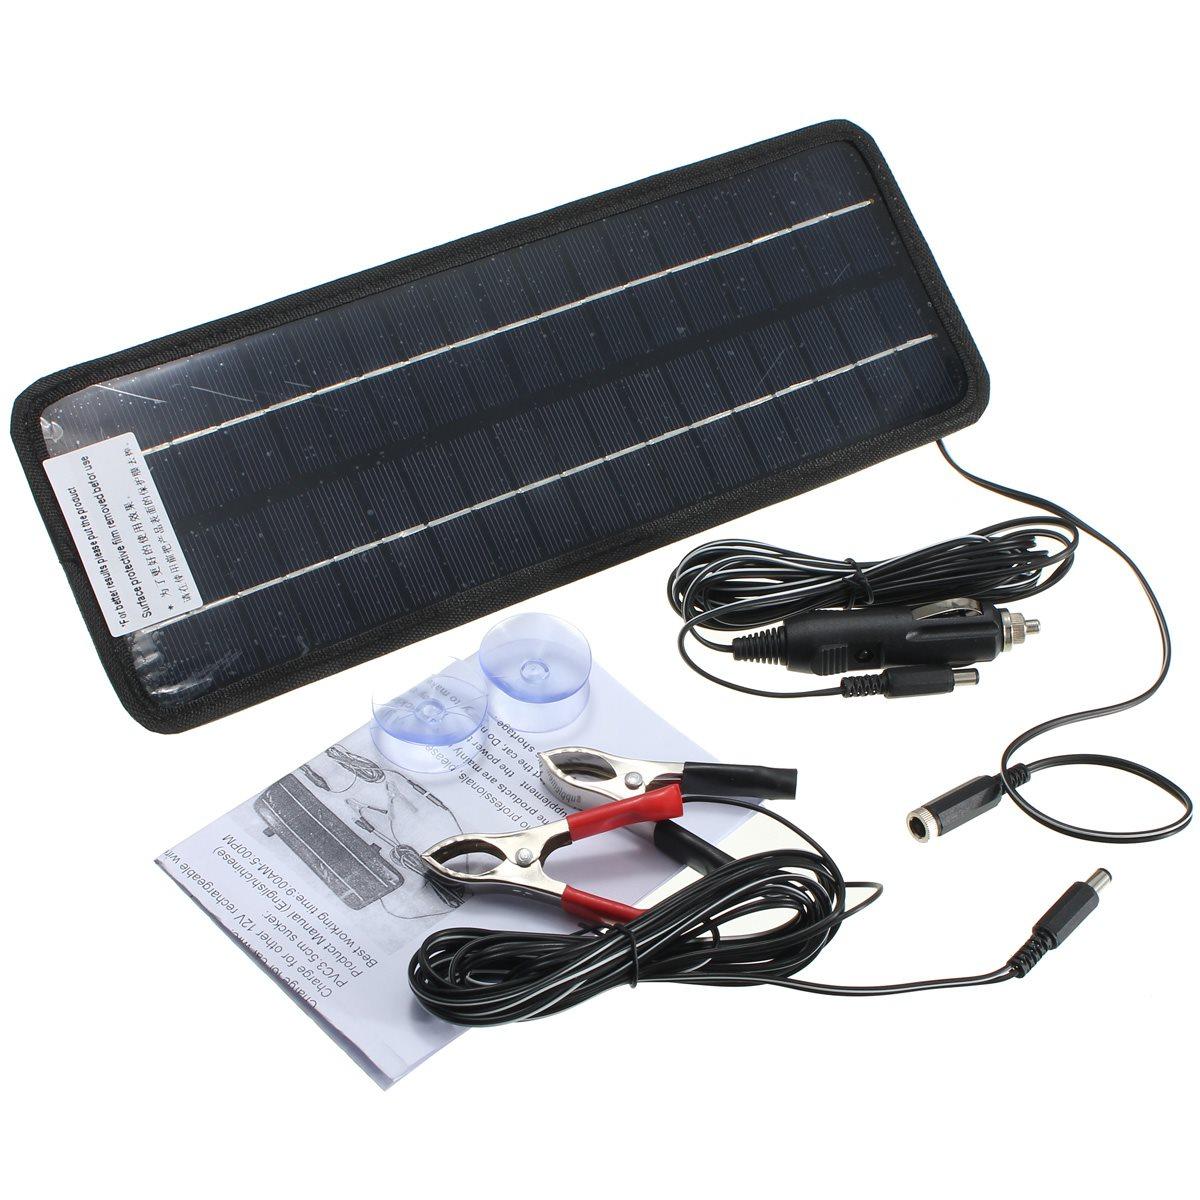 achetez en gros 12 v solaire chargeur de batterie de voiture en ligne des grossistes 12 v. Black Bedroom Furniture Sets. Home Design Ideas